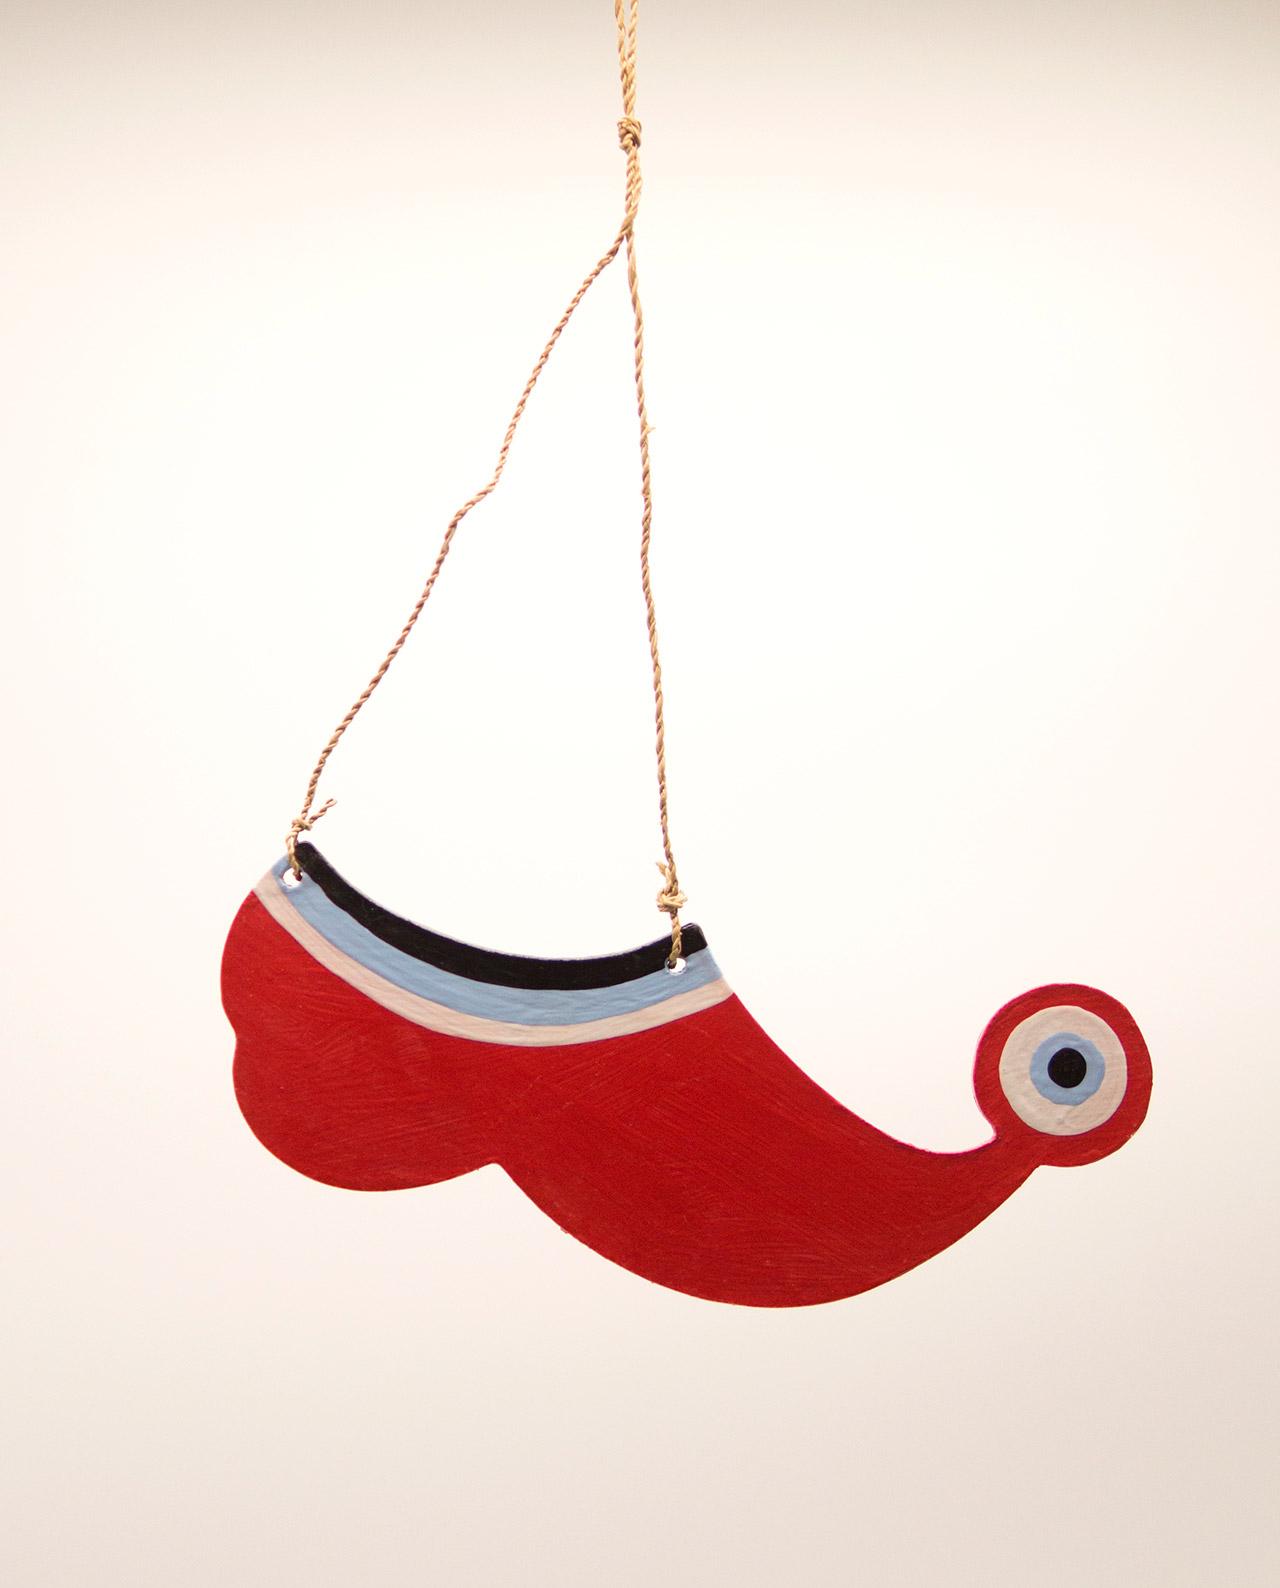 Τσαρούχι ματάκι ξύλινο χειροποίητο μήκος 20 cm κόκκινο